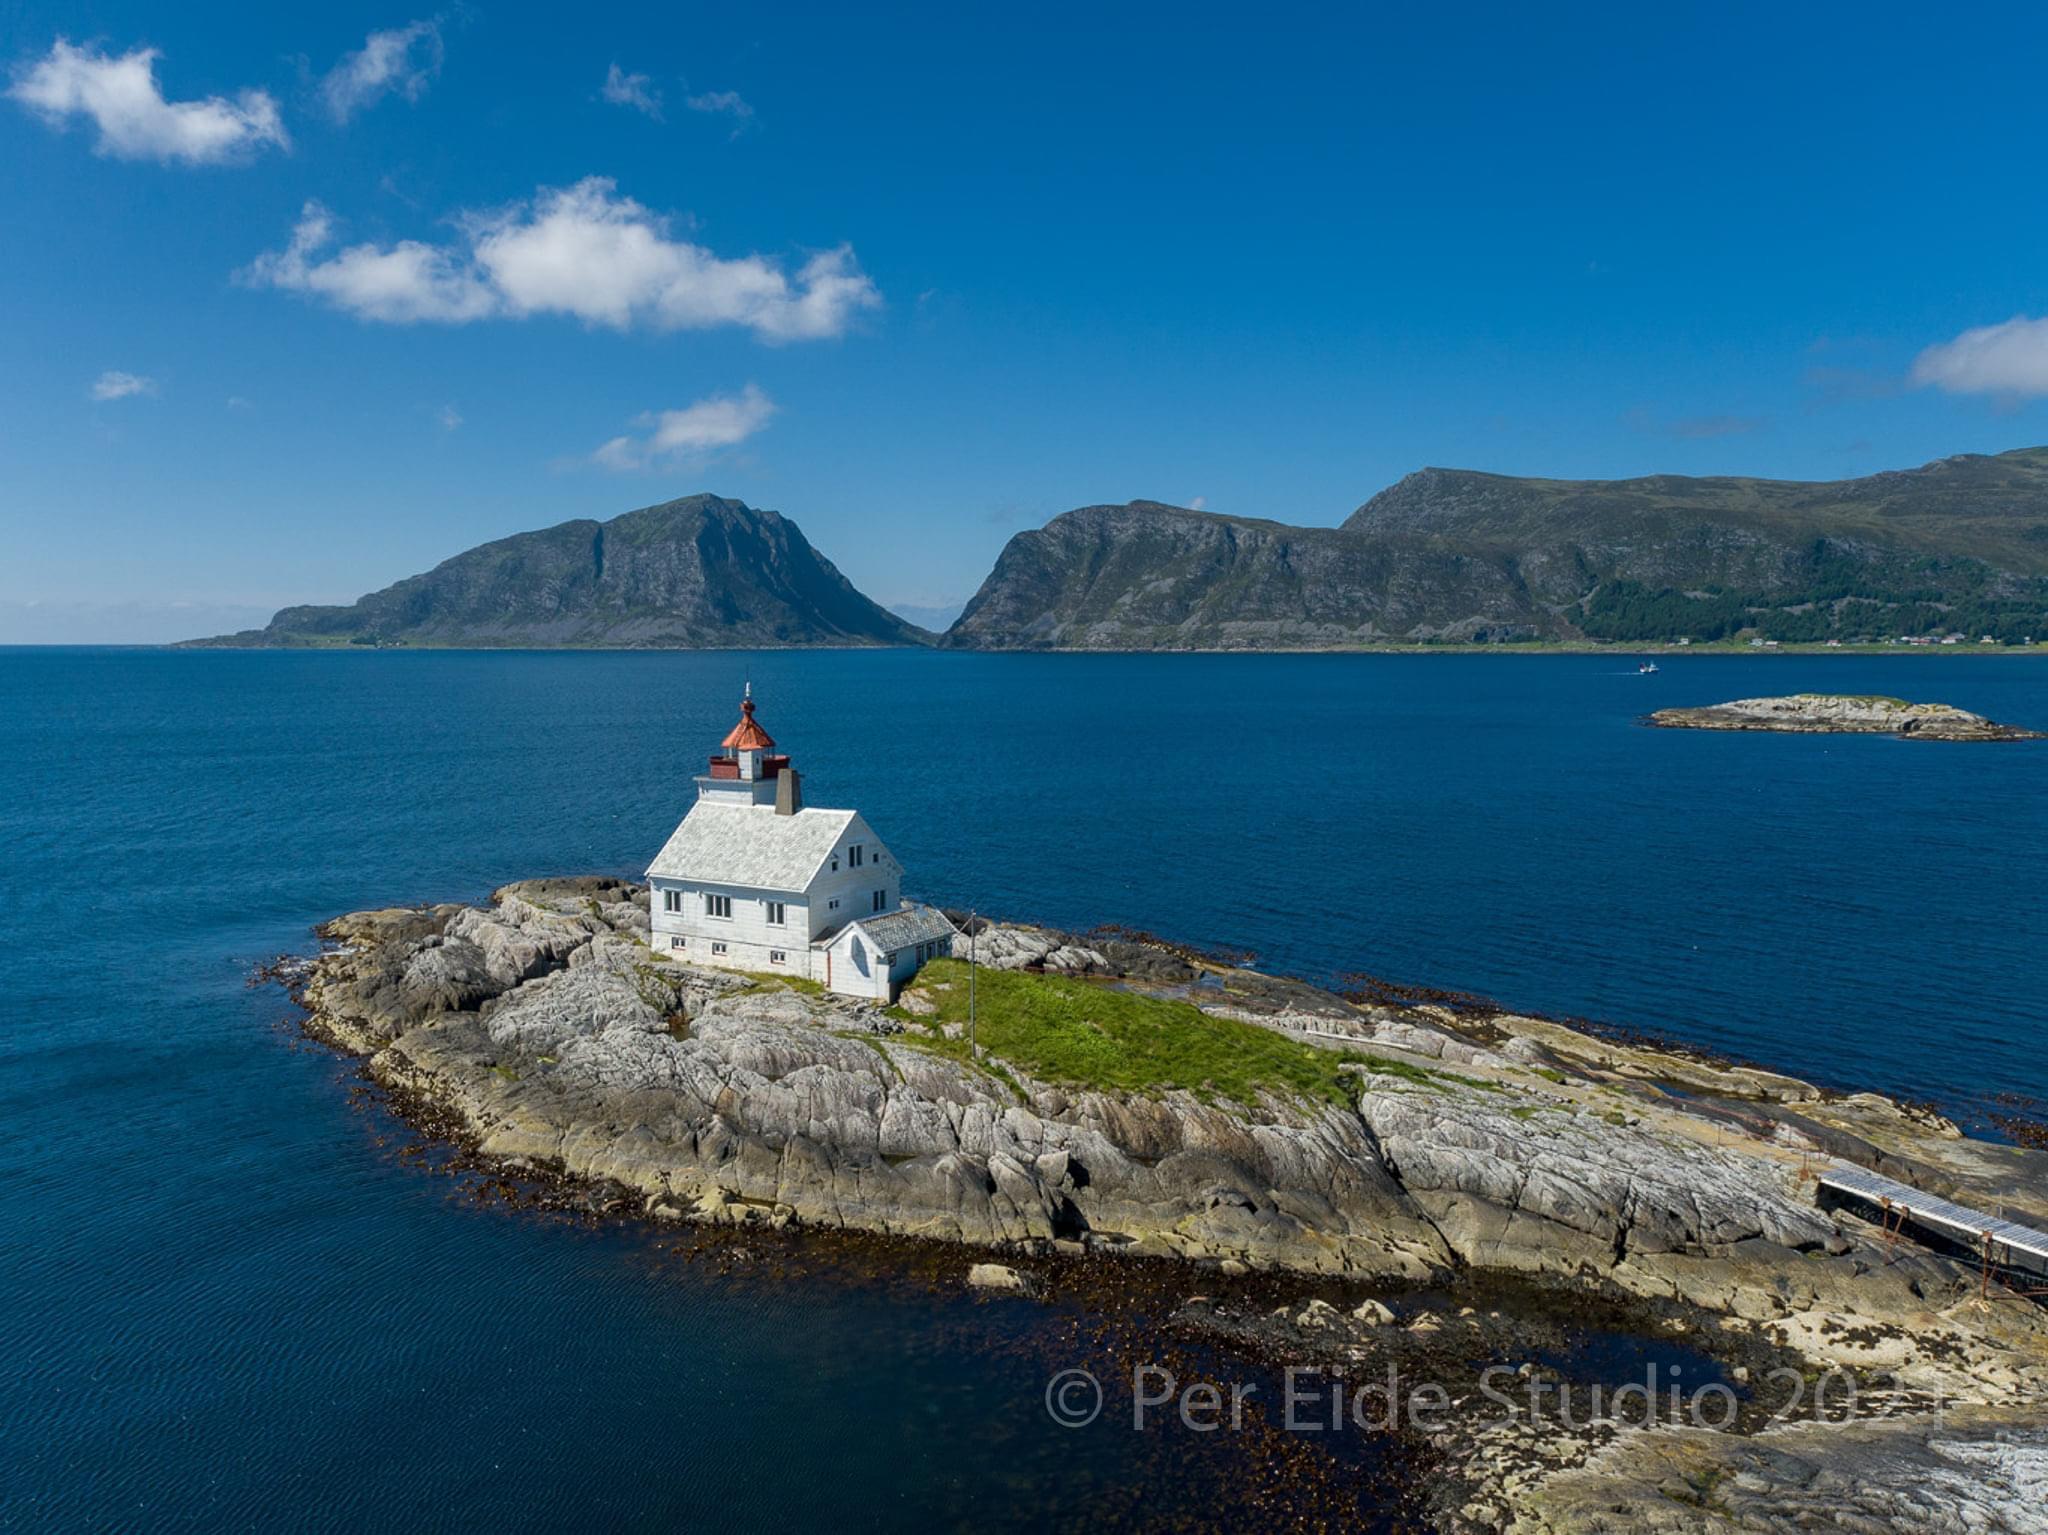 Torvholmen-din-private-øy-i-havgapet-oversikt-flåvær fyr. Foto Per Eide